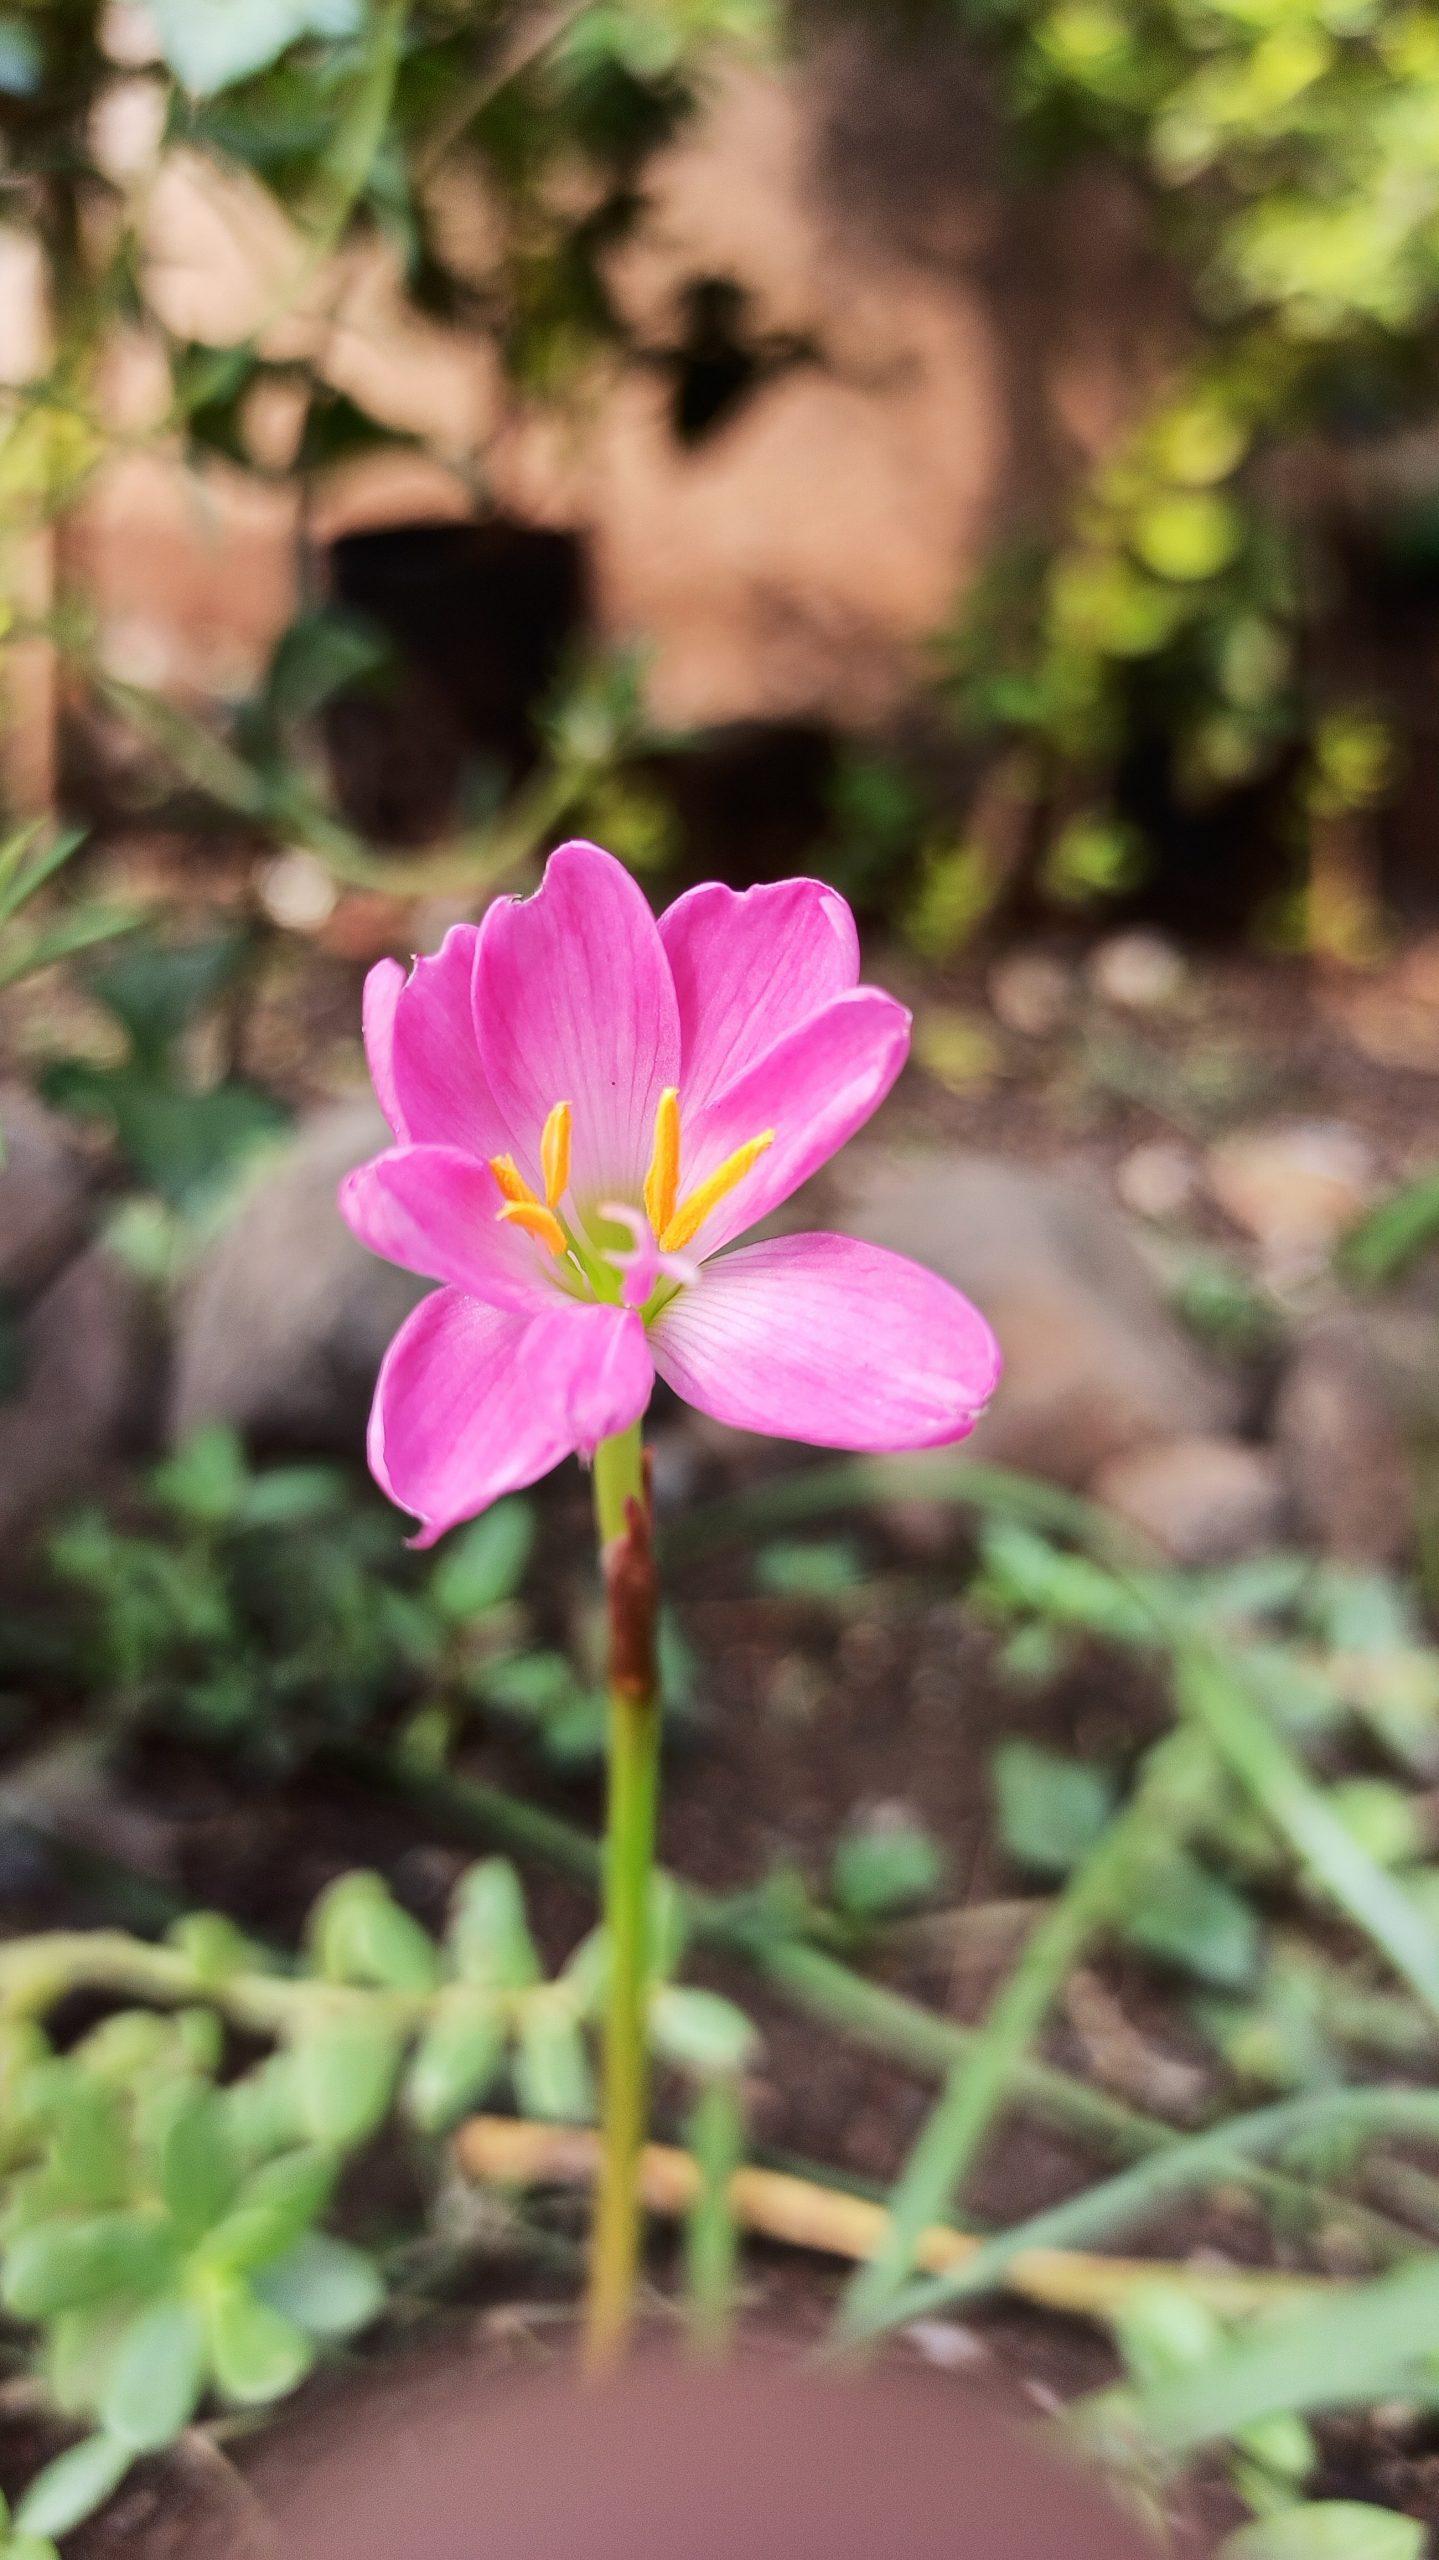 Pink Zephyranthes minuta